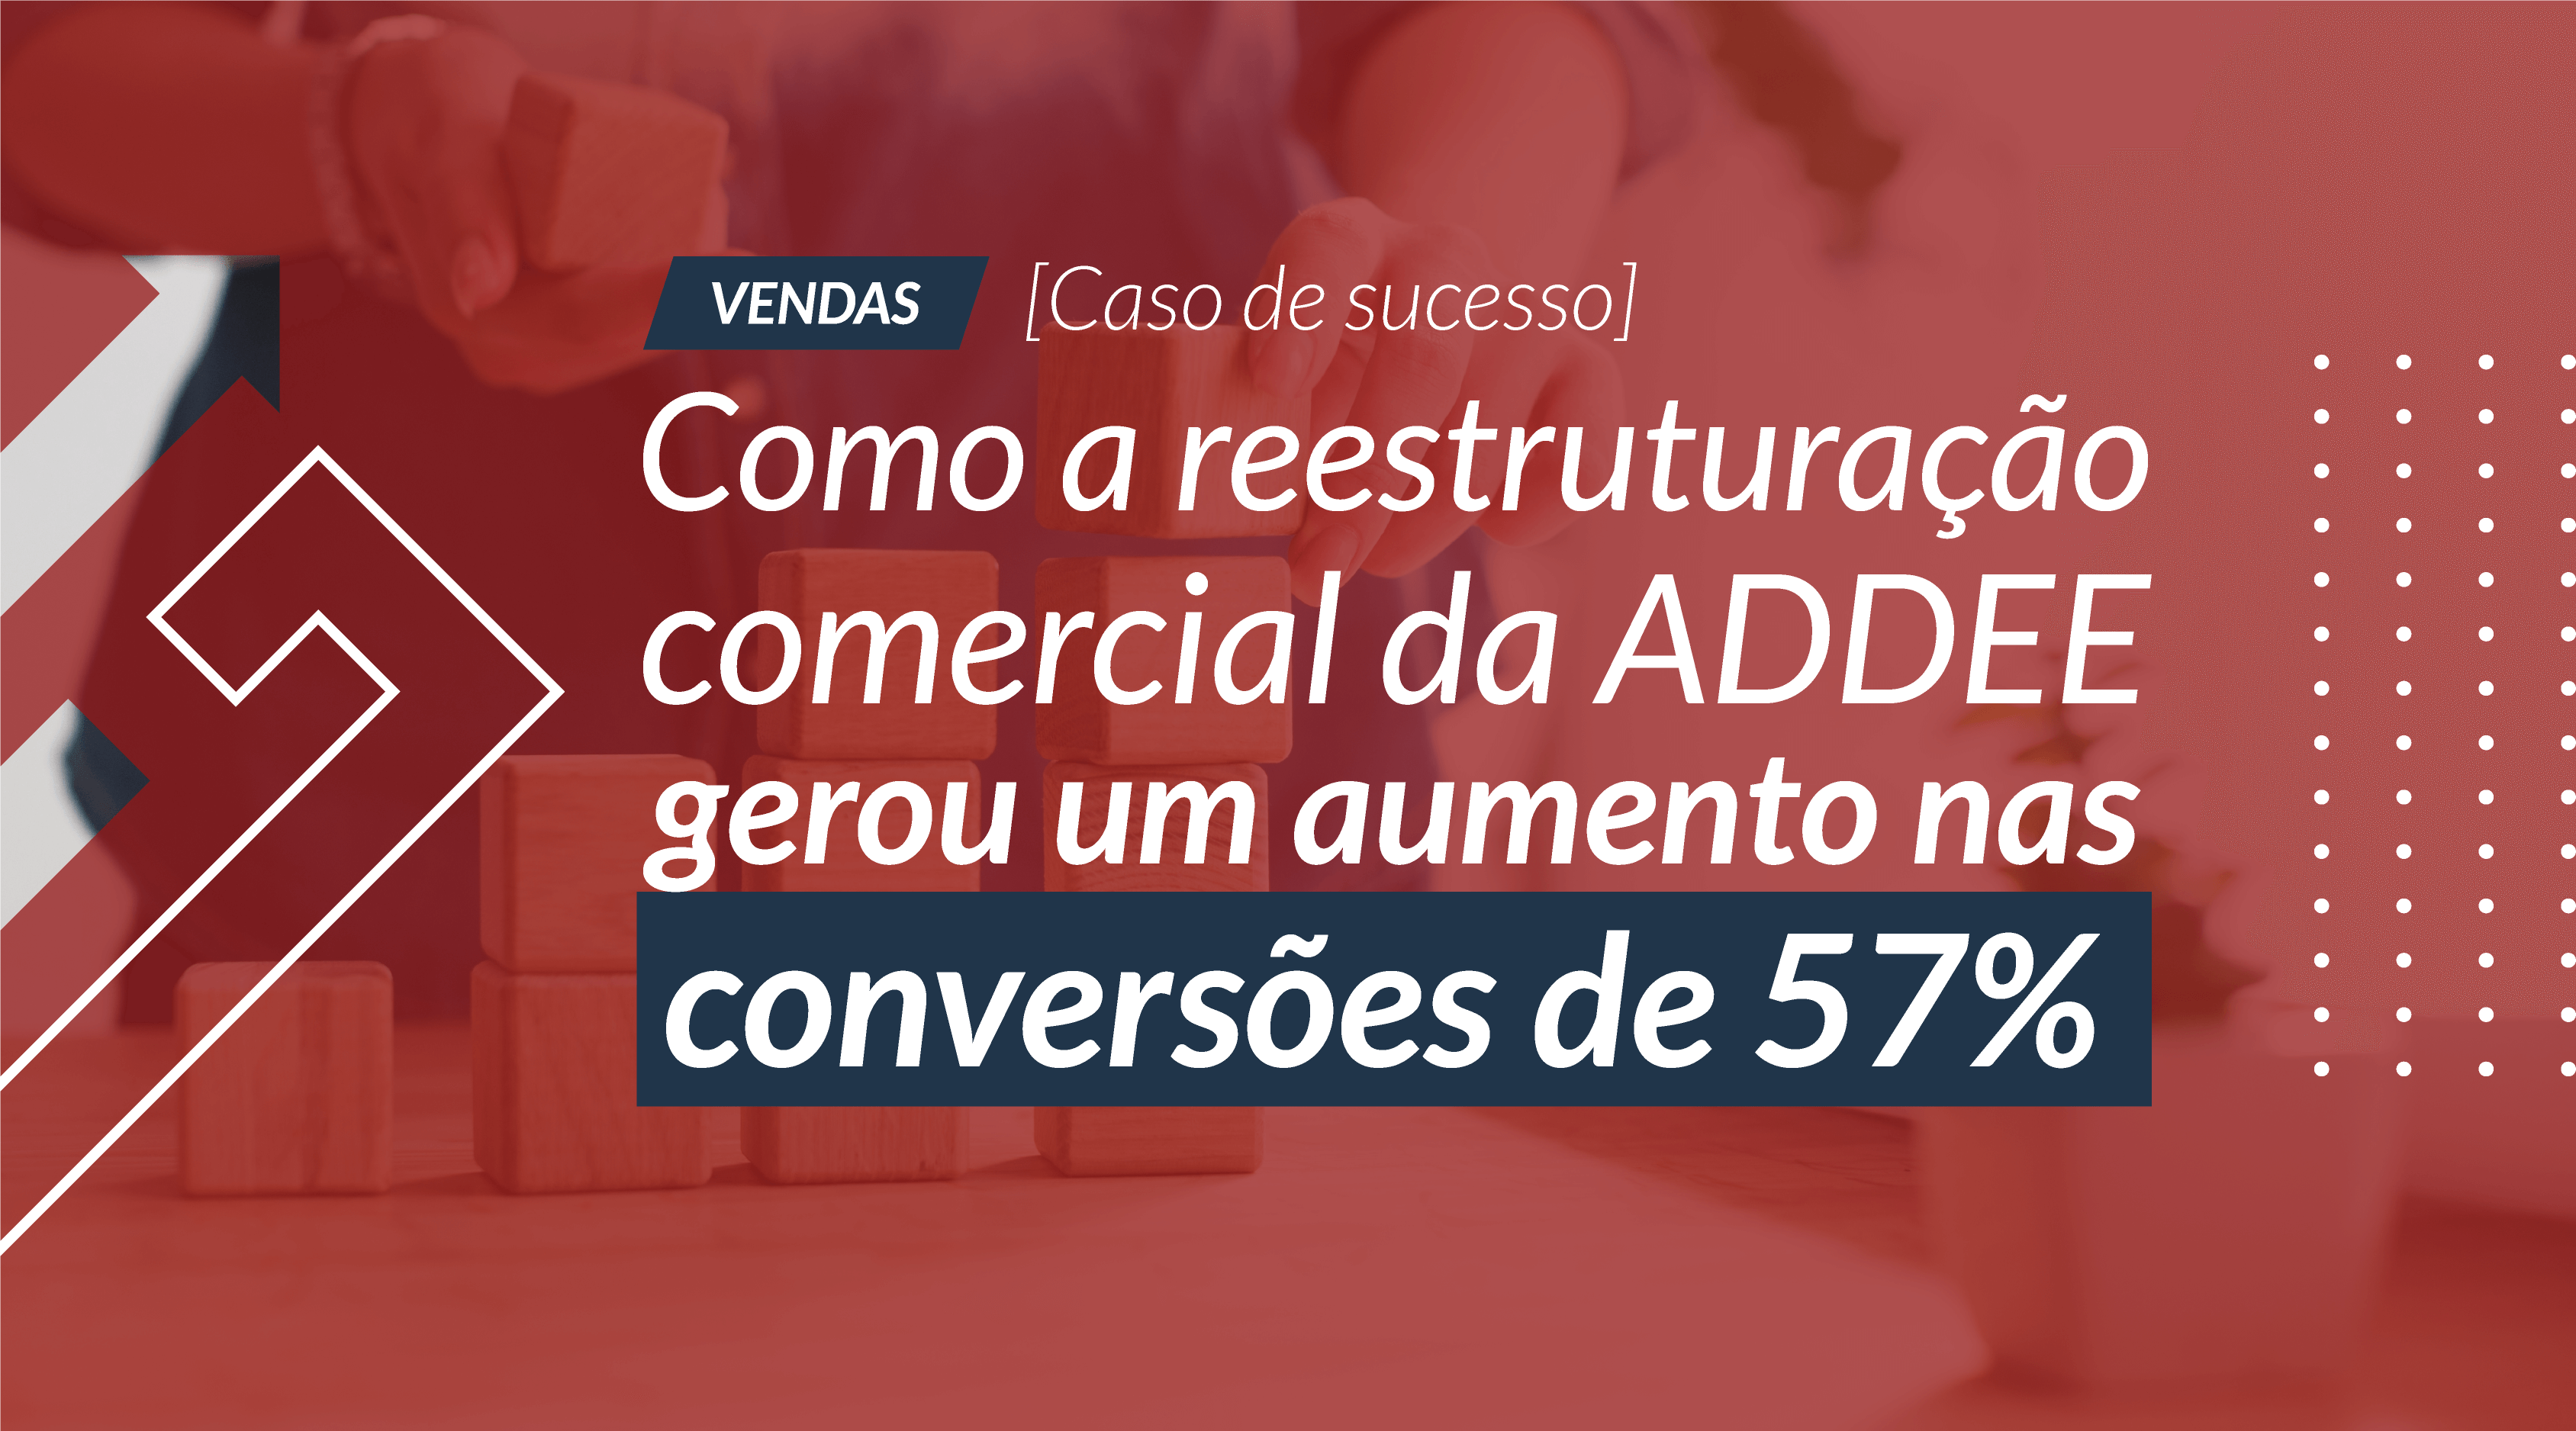 [Caso de sucesso] Como a reestruturação comercial da ADDEE gerou um aumento nas conversões de 57%